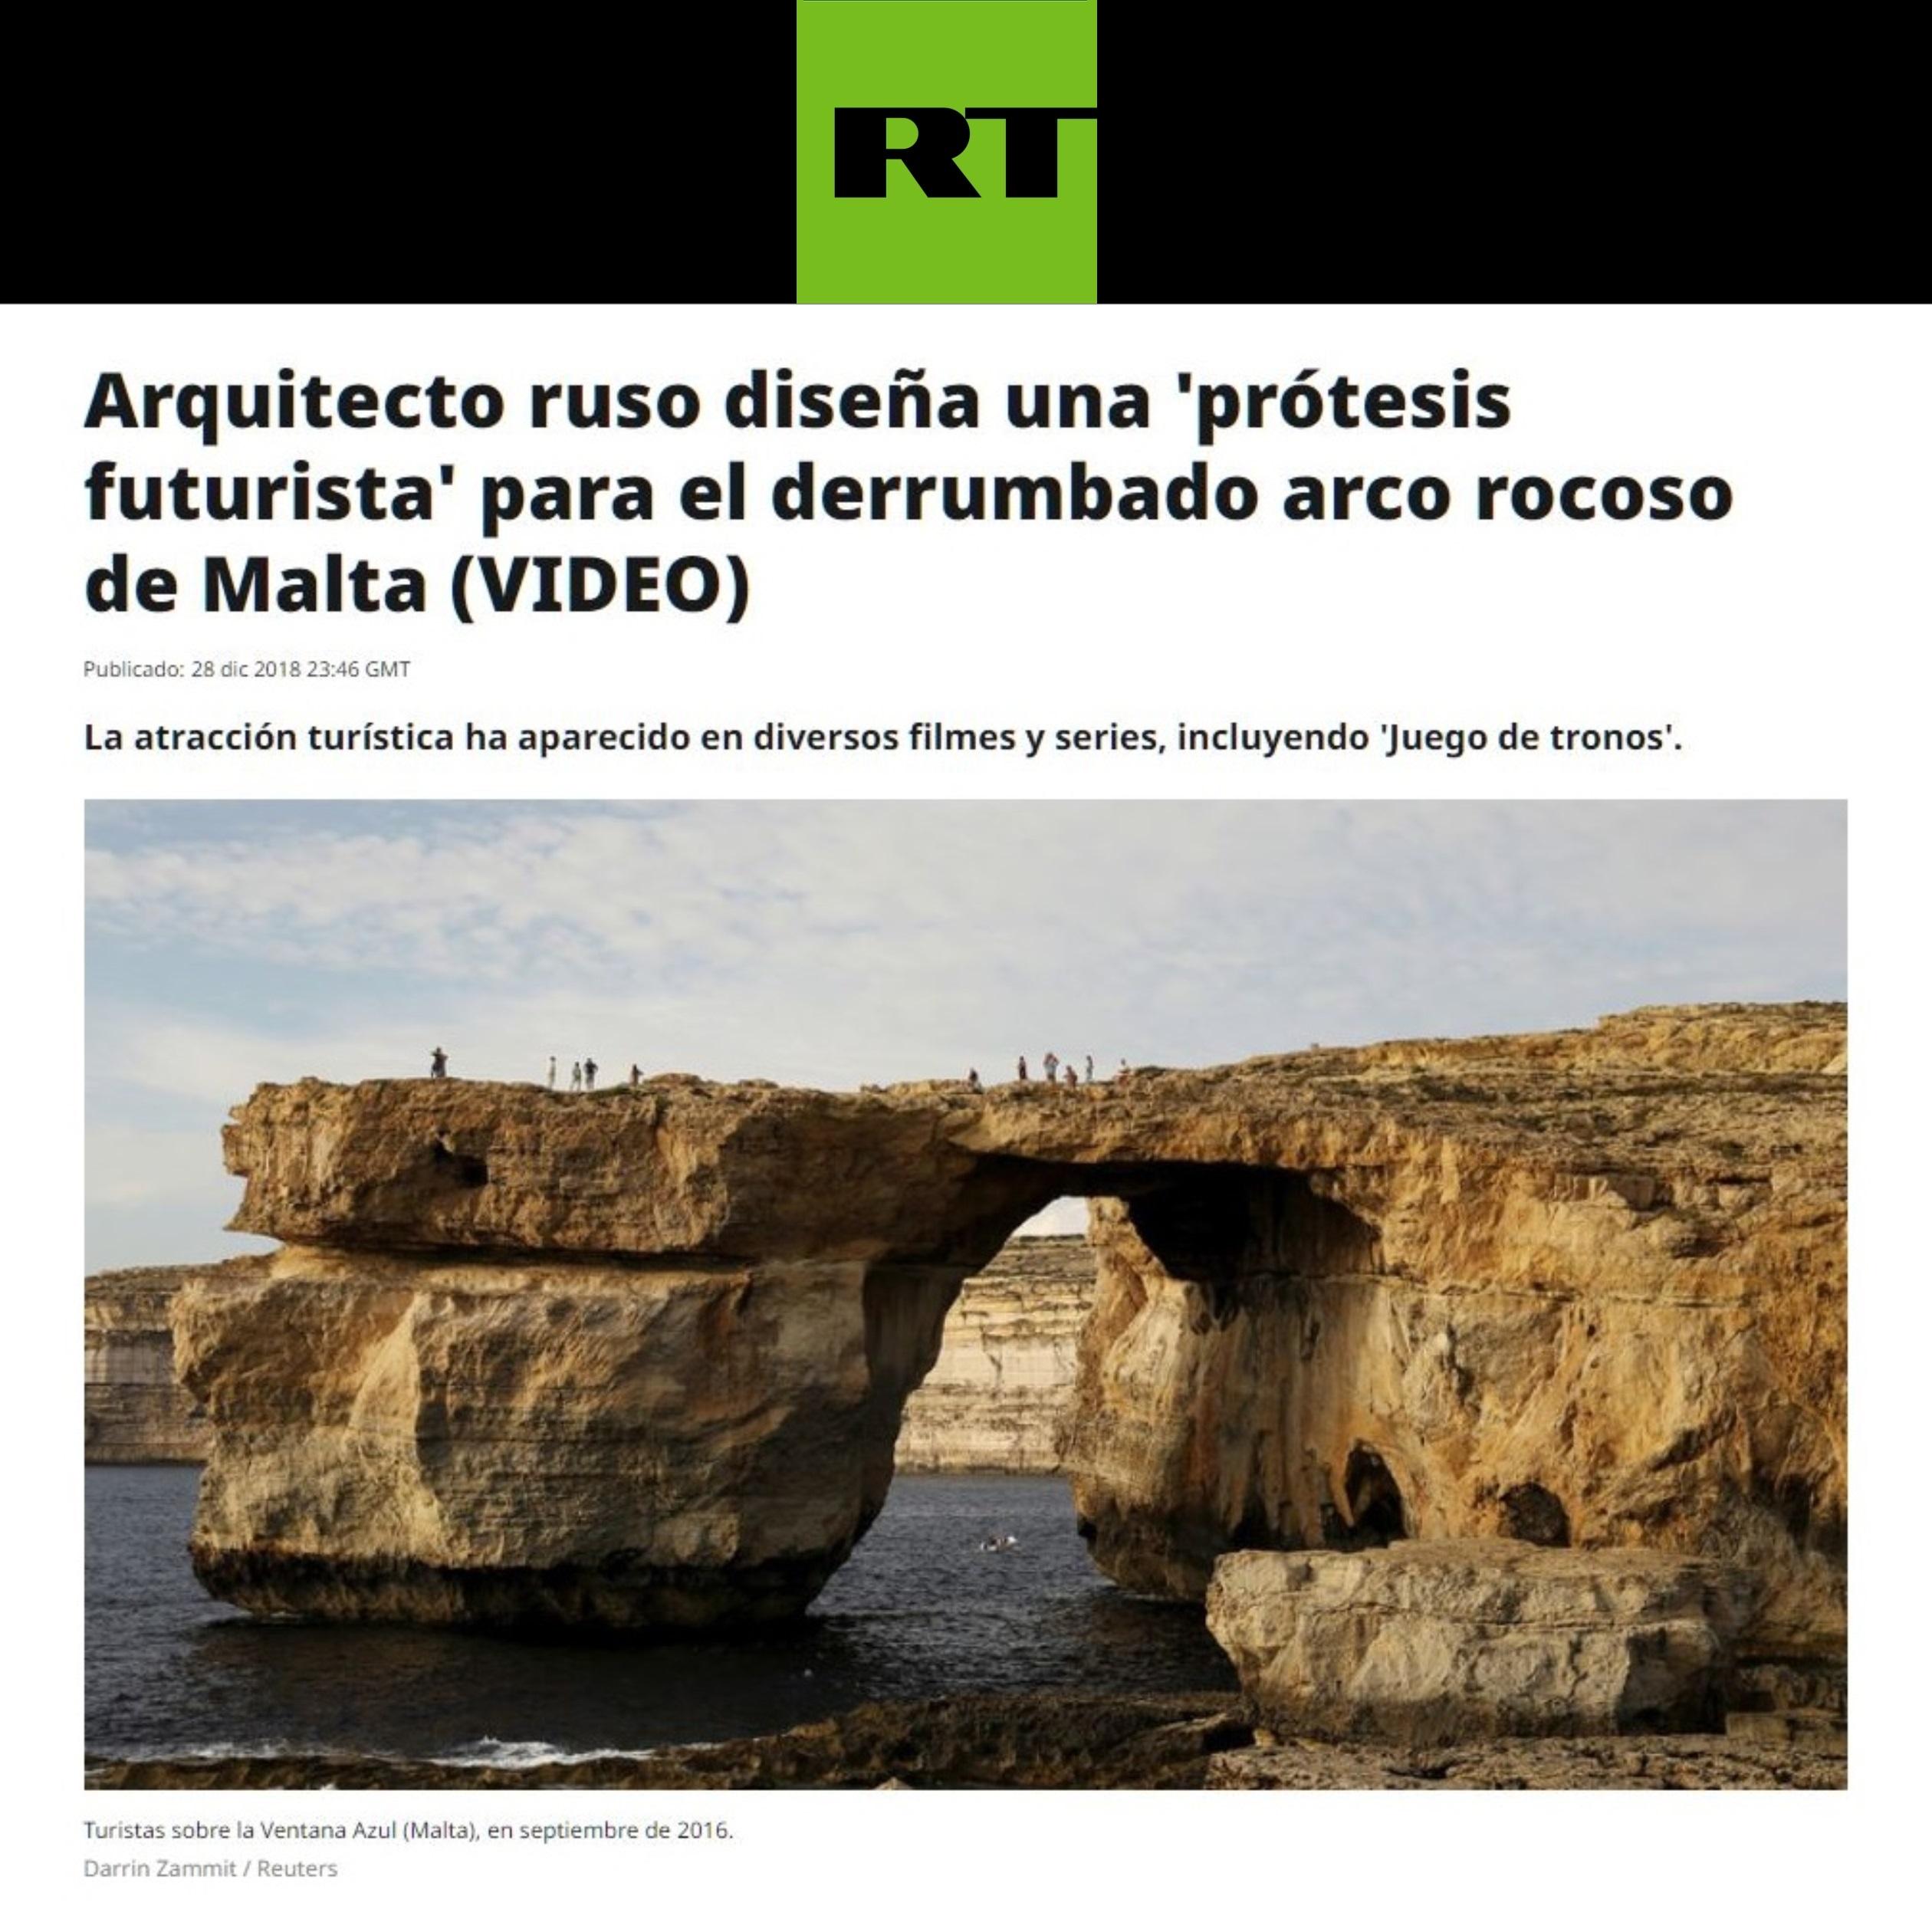 RT Spanish